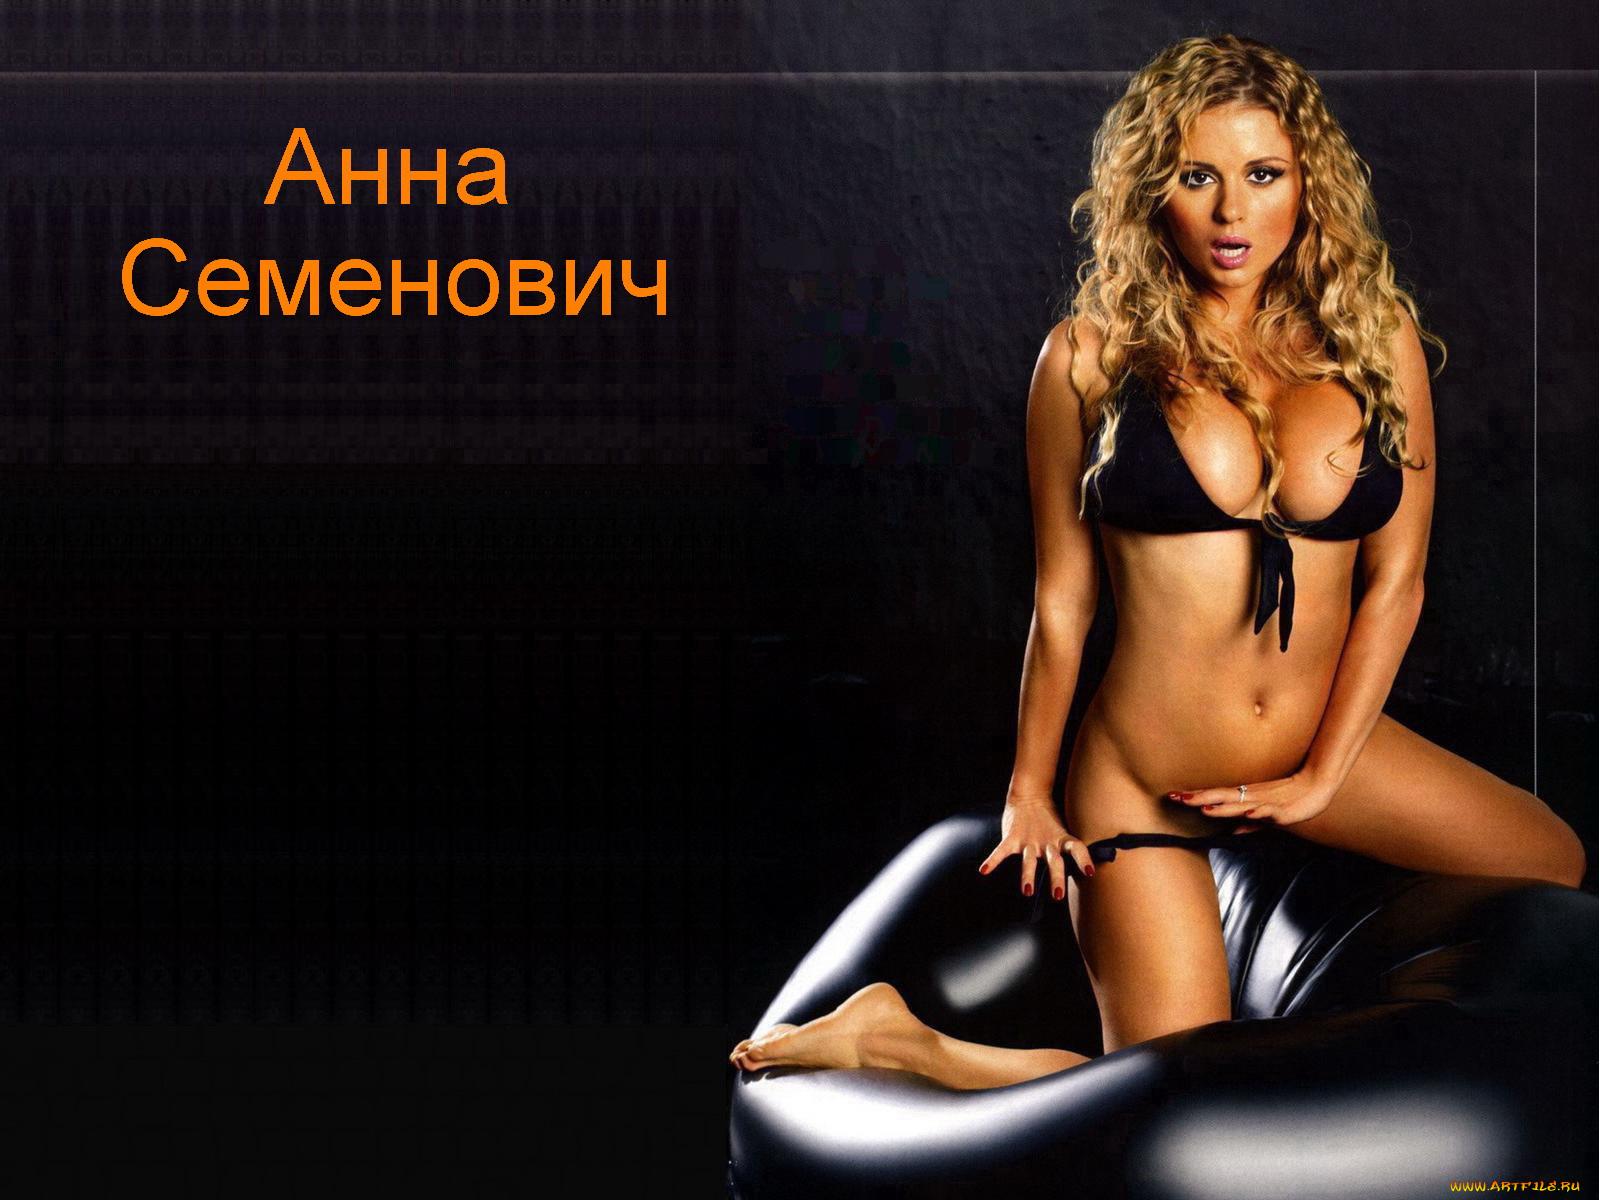 Онлайн Бесплатно Голые Русские Девушки Видео